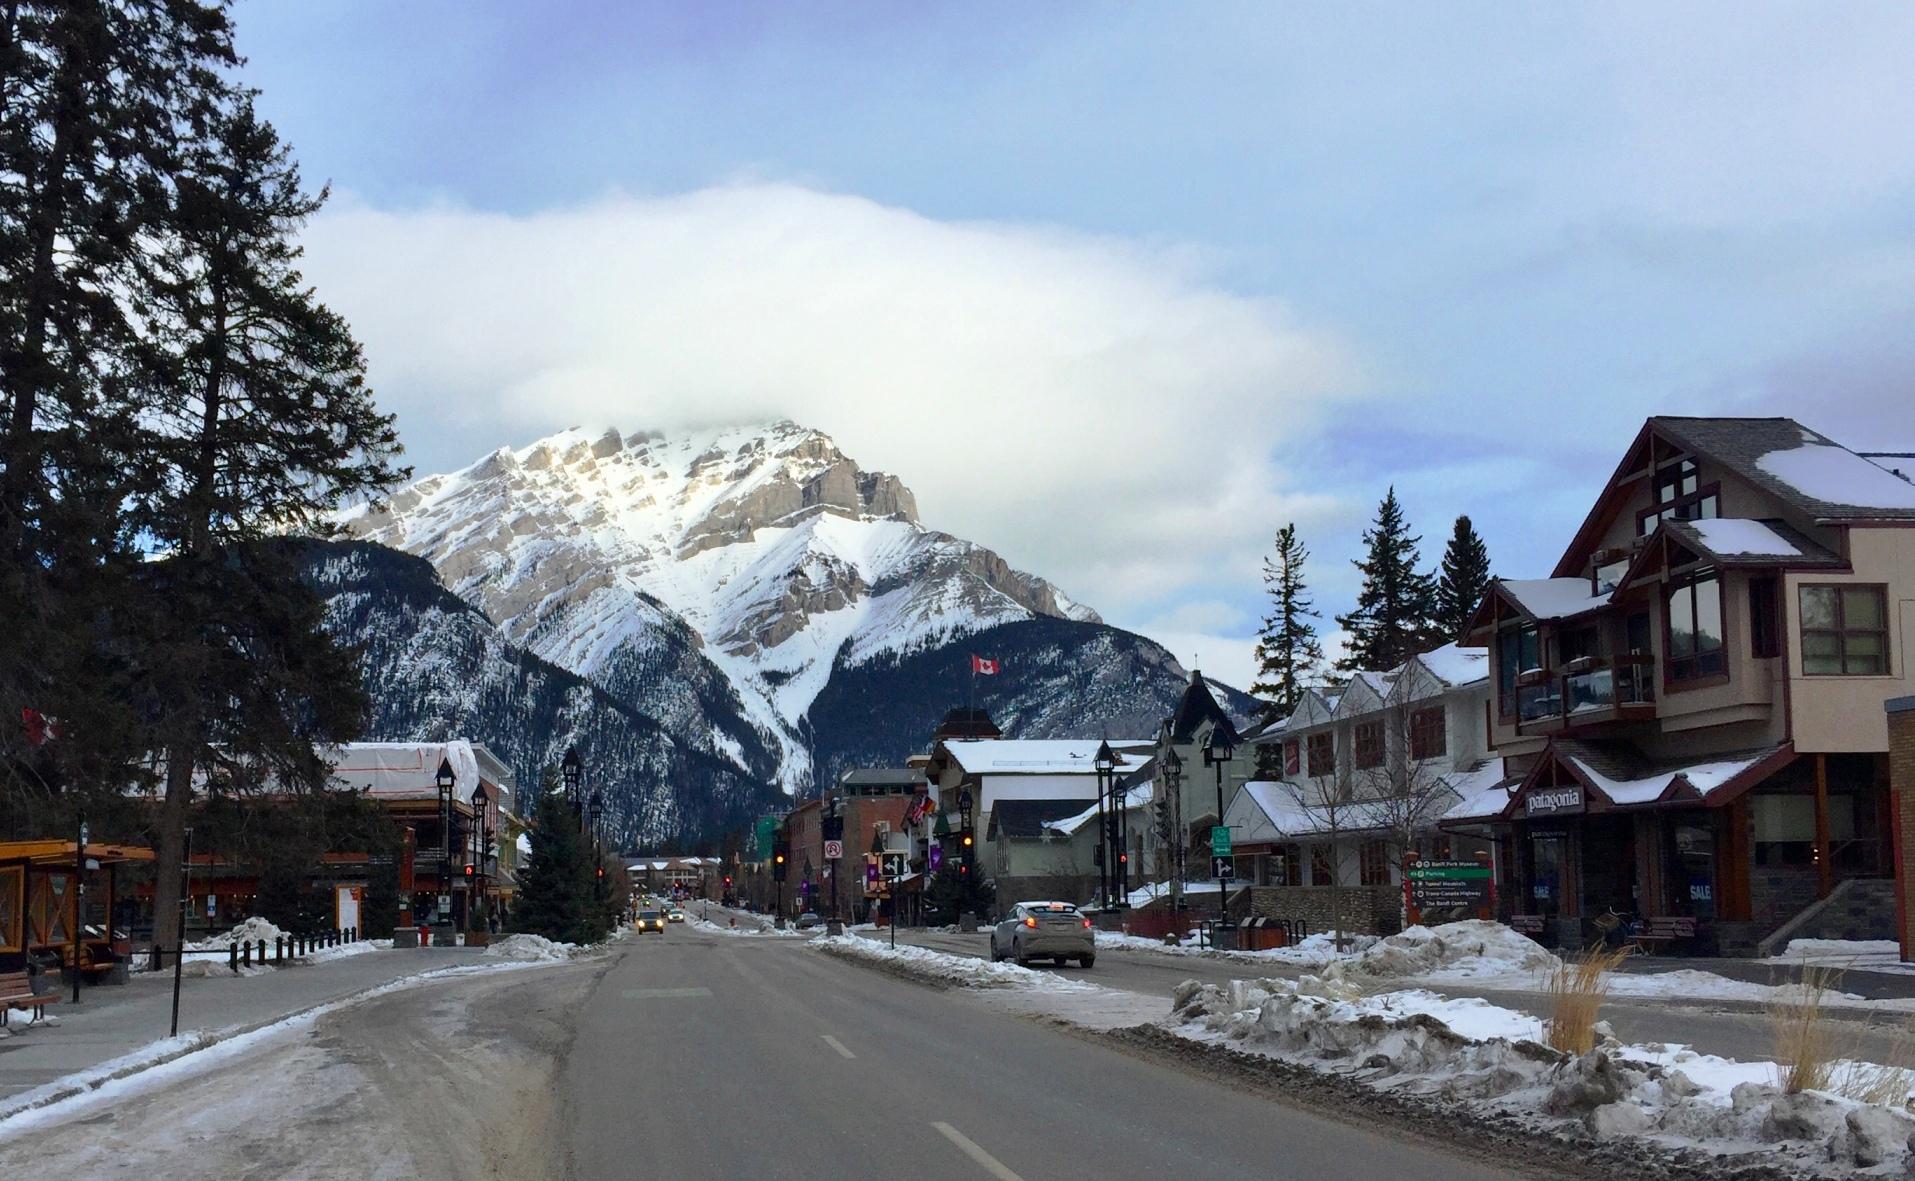 Winterurlaub in den Rockies - Das solltest du wissen 2